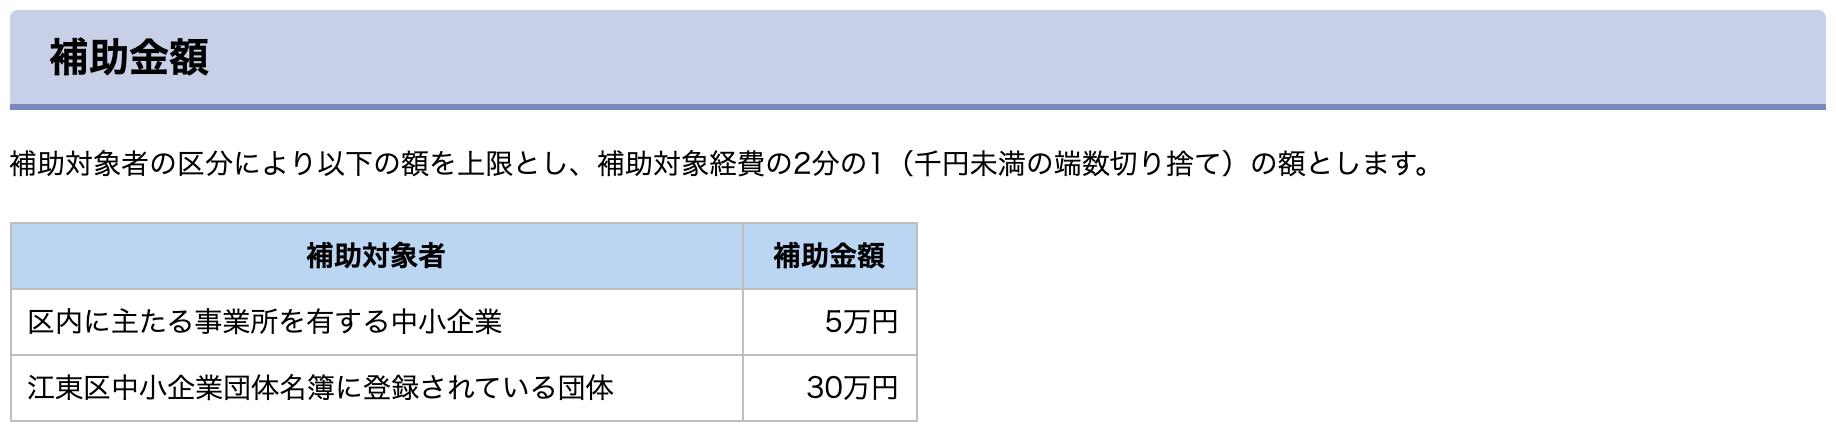 東京都江東区のホームページ制作補助金